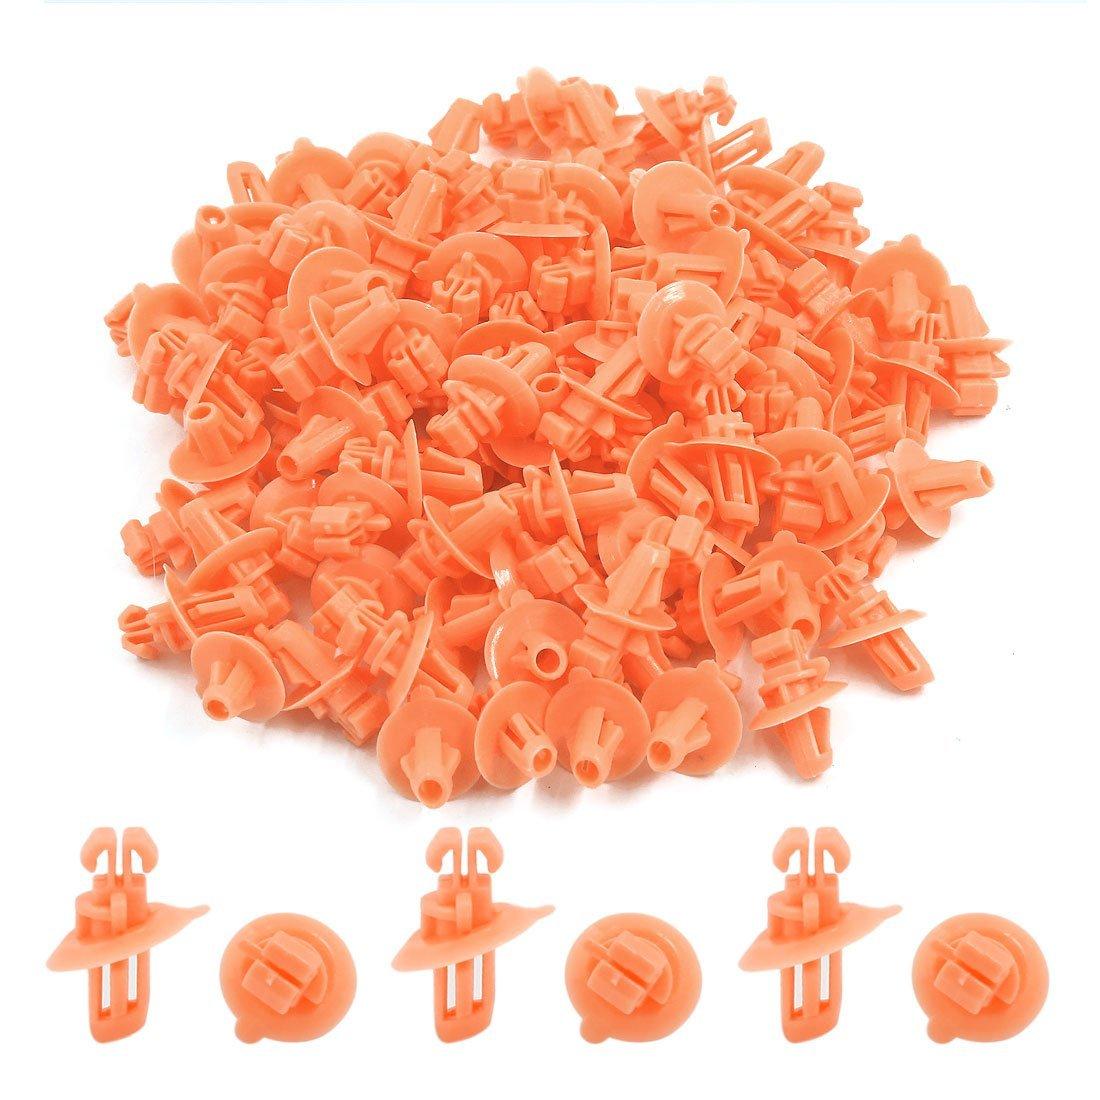 Amazon.com: eDealMax 100pcs Arco cubierta de plástico del remache de la rueda Sujetador Naranja Para Toyota: Automotive